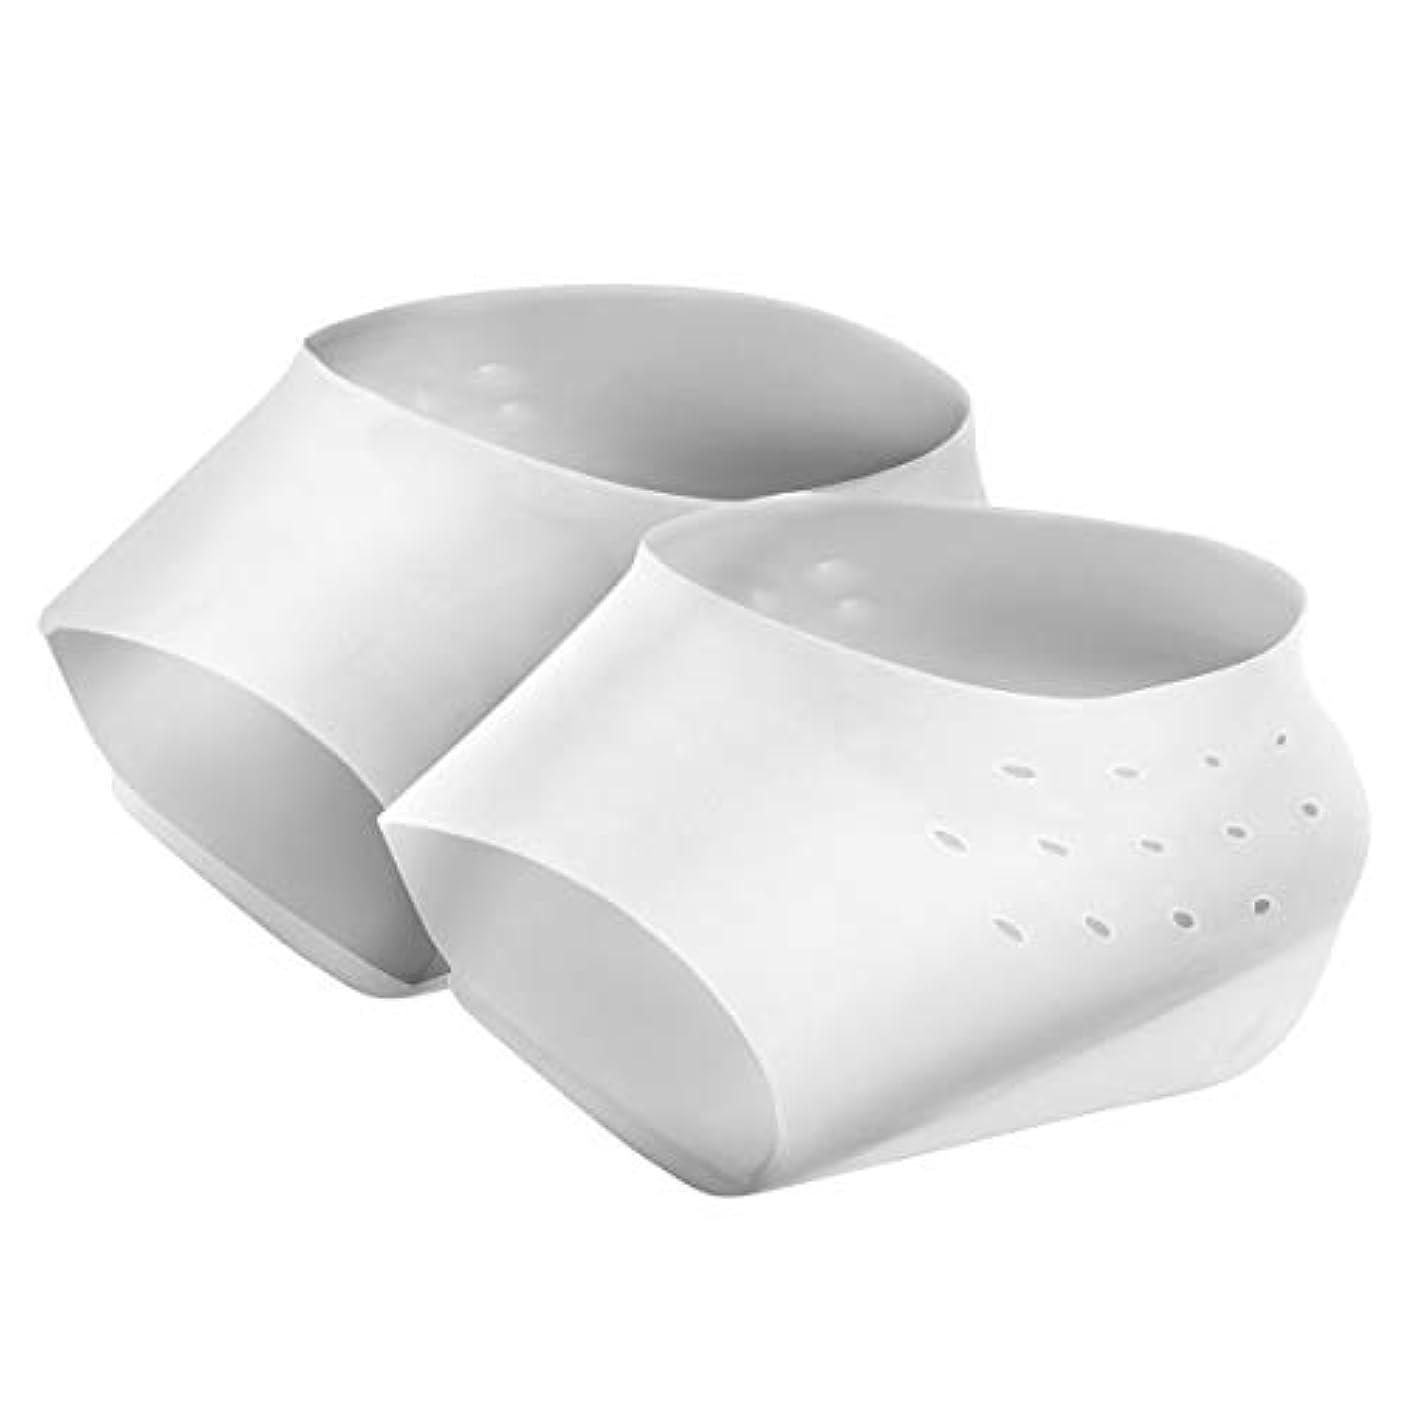 擬人包括的シニス[カラダ快適研究所] シークレットインソール 4cm 踵に着けて靴下で隠せるシークレットインソール